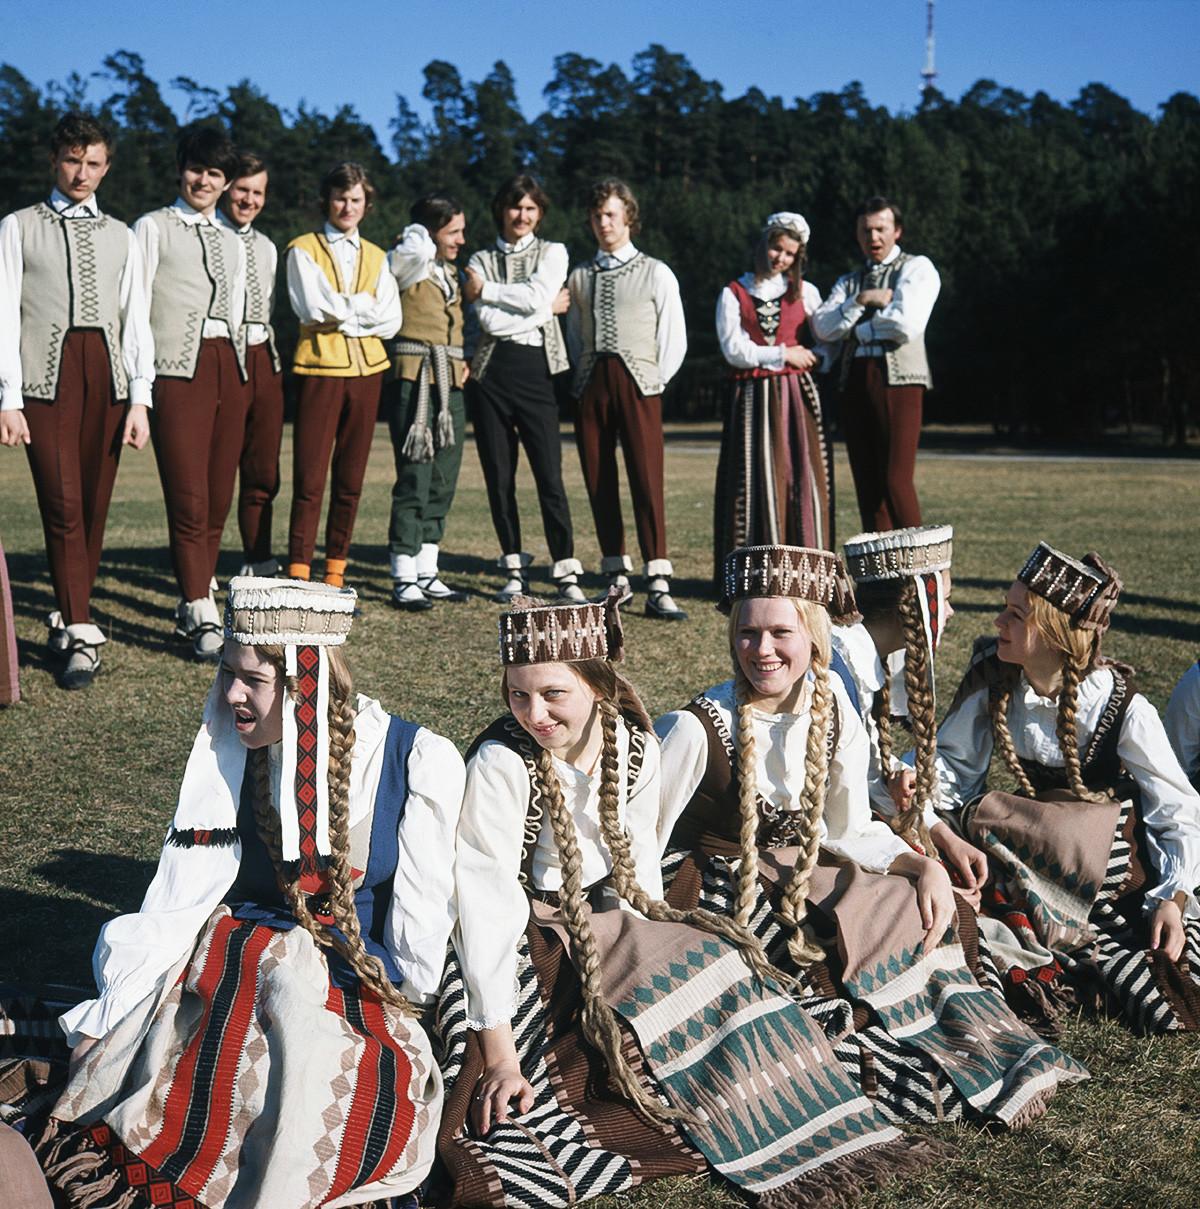 1974 година. Членови на ансамблот на народни танци и песни на Вилнускиот државен универзитет.